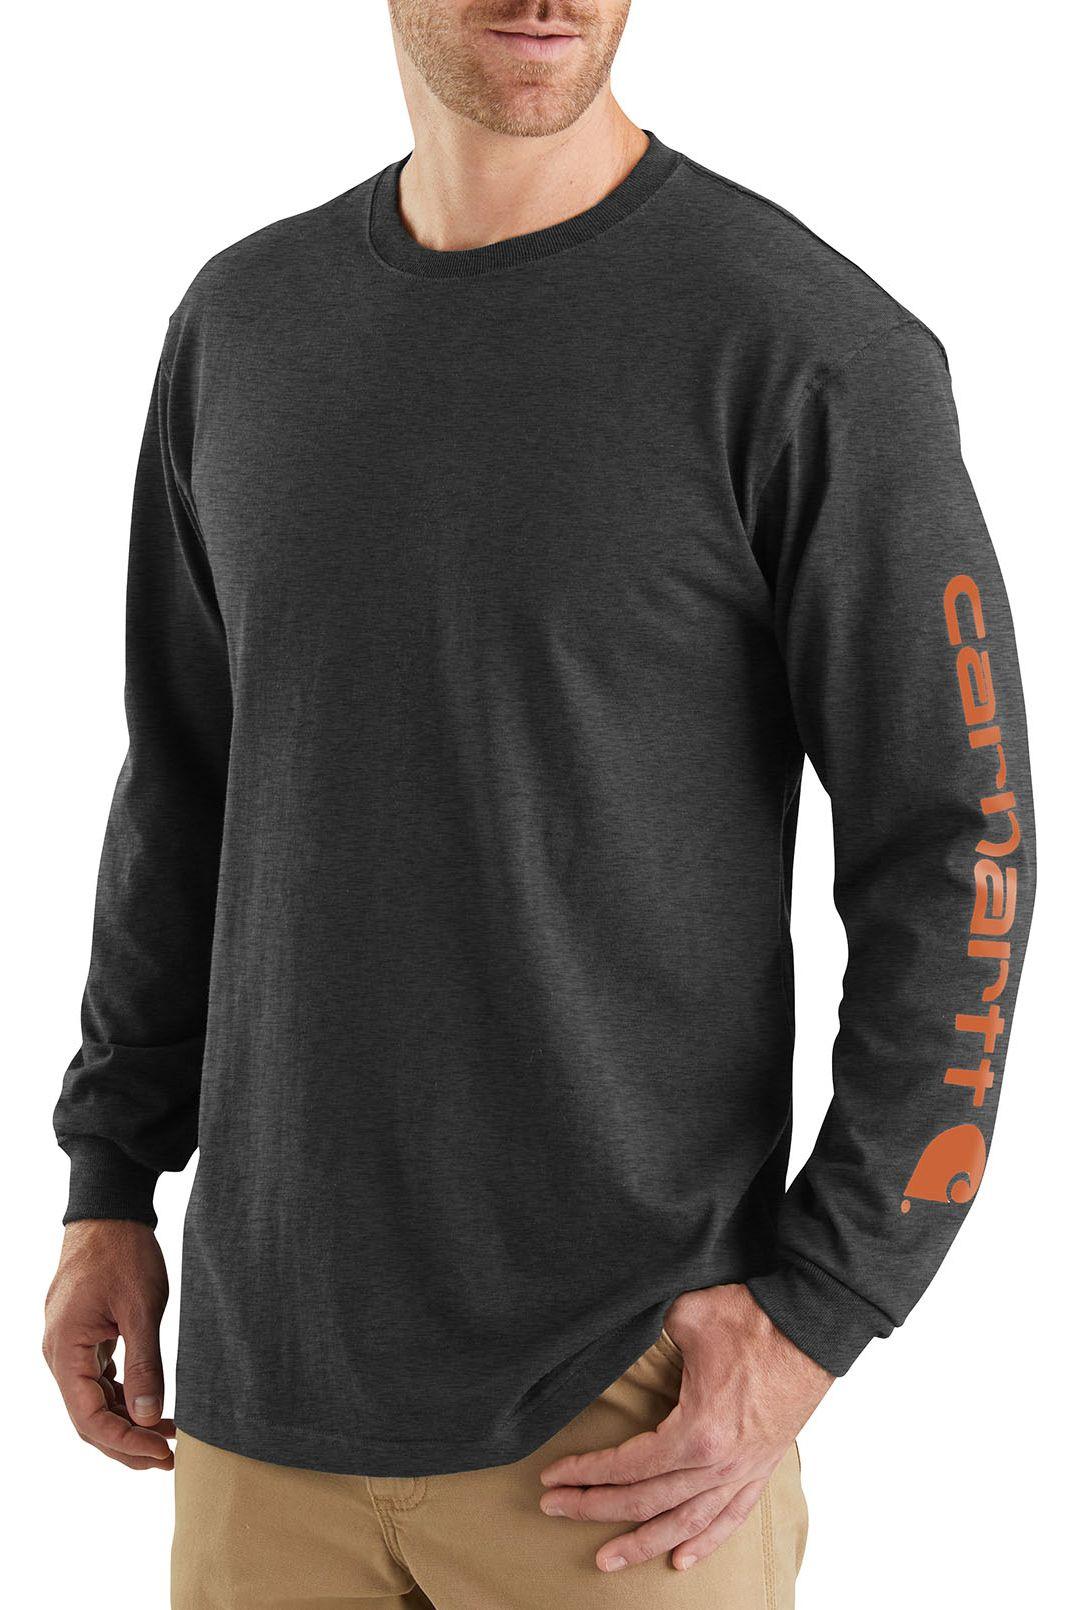 5091c9266a Carhartt Men's Graphic Logo Long Sleeve Shirt. noImageFound. Previous